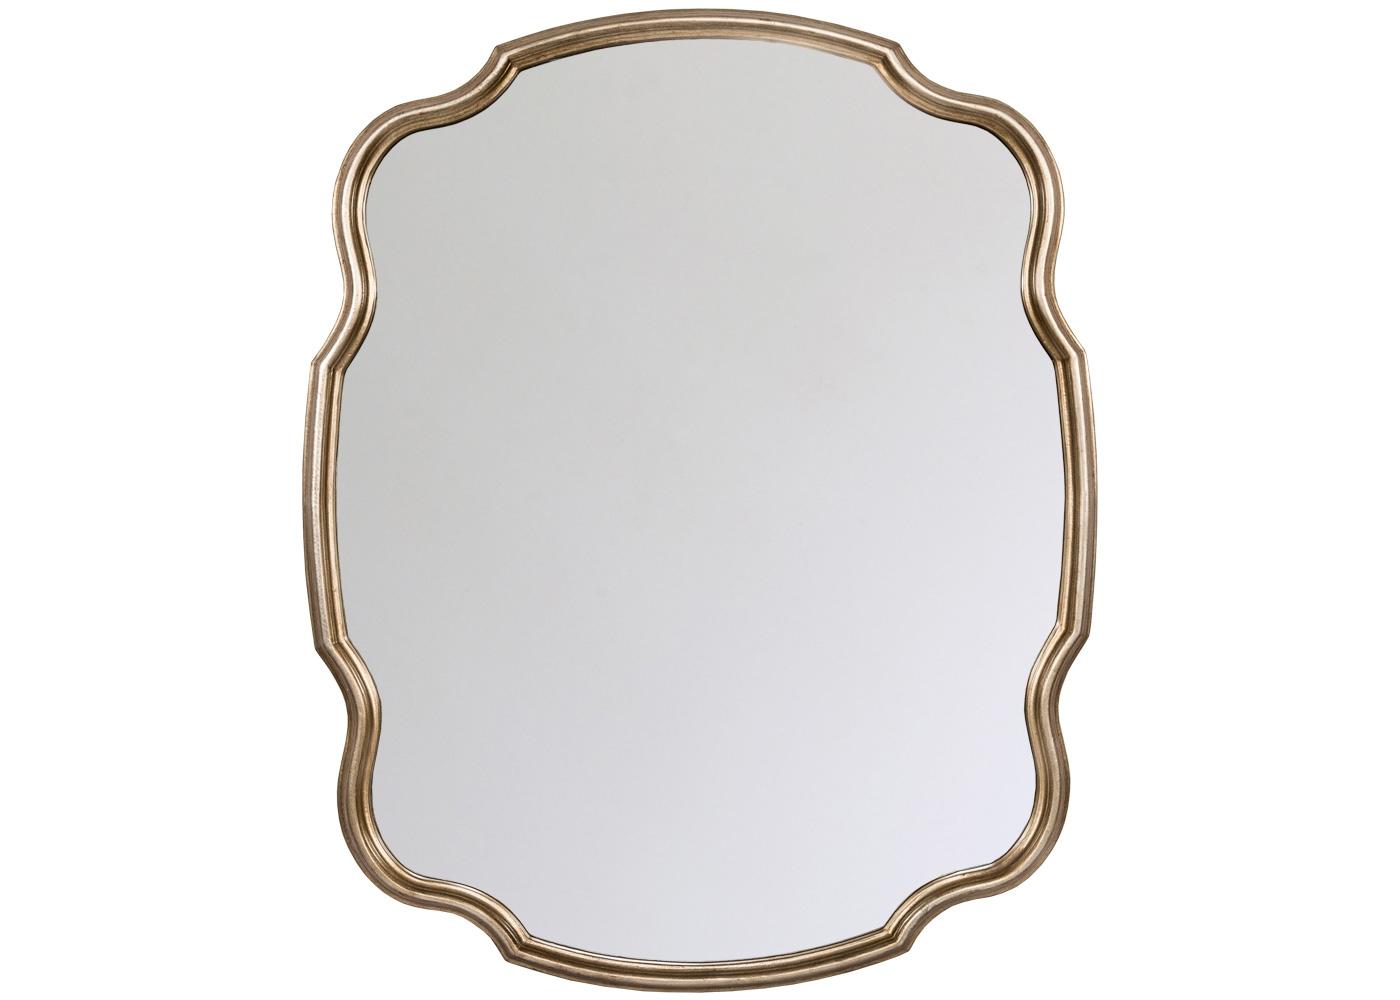 Настенное зеркало «Каледон»Настенные зеркала<br>Гармоничная волнистая оправа акцентирована филигранным контурным фацетом, придающим зеркалу объемность и элитный шарм. Широкие зеркала магически преображают помещения, углубляя простор и освещая отраженным светом. Старинная гербовая форма находчиво преображена вкусами современного английского модерна: строгость и благородство обретают атмосферную легкость и романтичность. Полиуретан, из которого изготовлена рама, достоверно имитирует любые материалы. На первый взгляд, оправа &amp;quot;Каледон&amp;quot; не отличается от металлической.<br><br>Material: Полиуретан<br>Ширина см: 87.0<br>Высота см: 108.0<br>Глубина см: 3.0